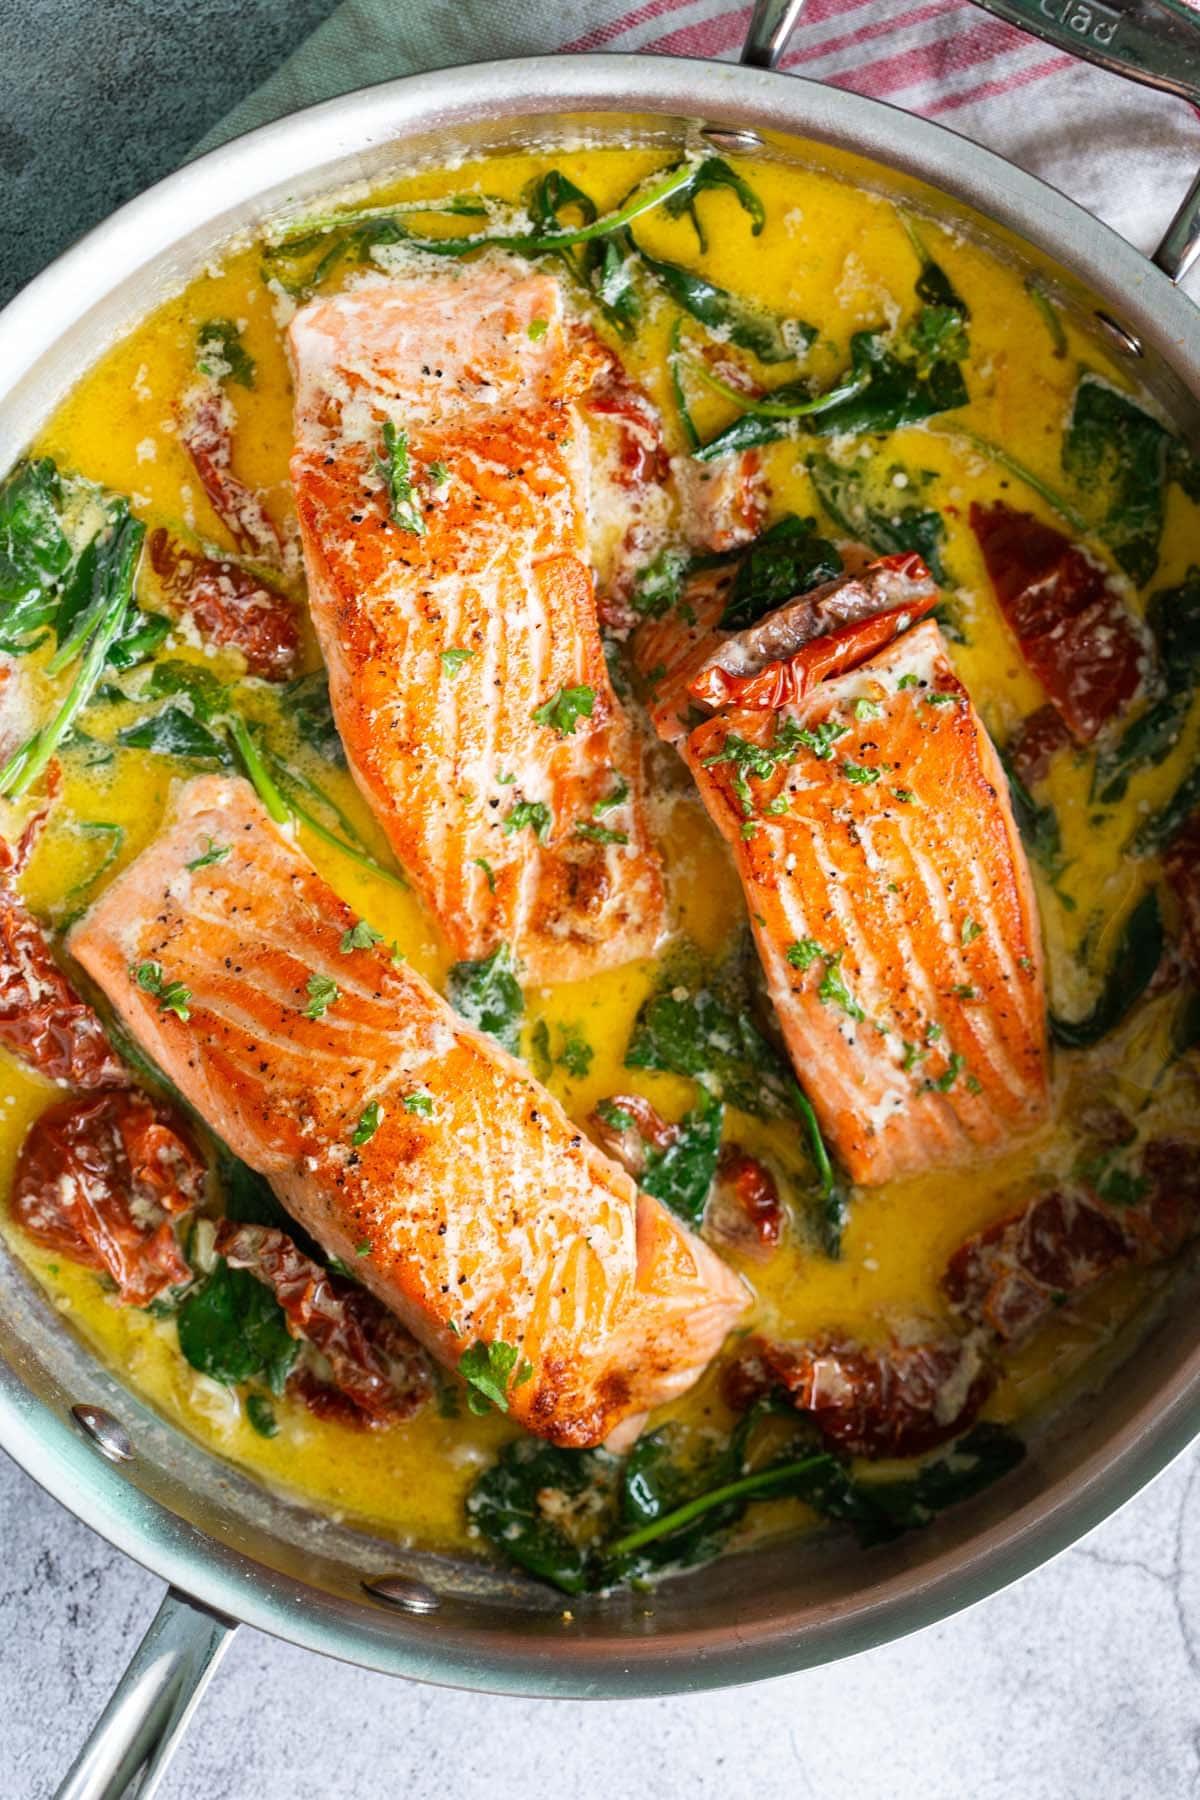 Recette de saumon toscan avec épinards, ail, beurre et tomates séchées.